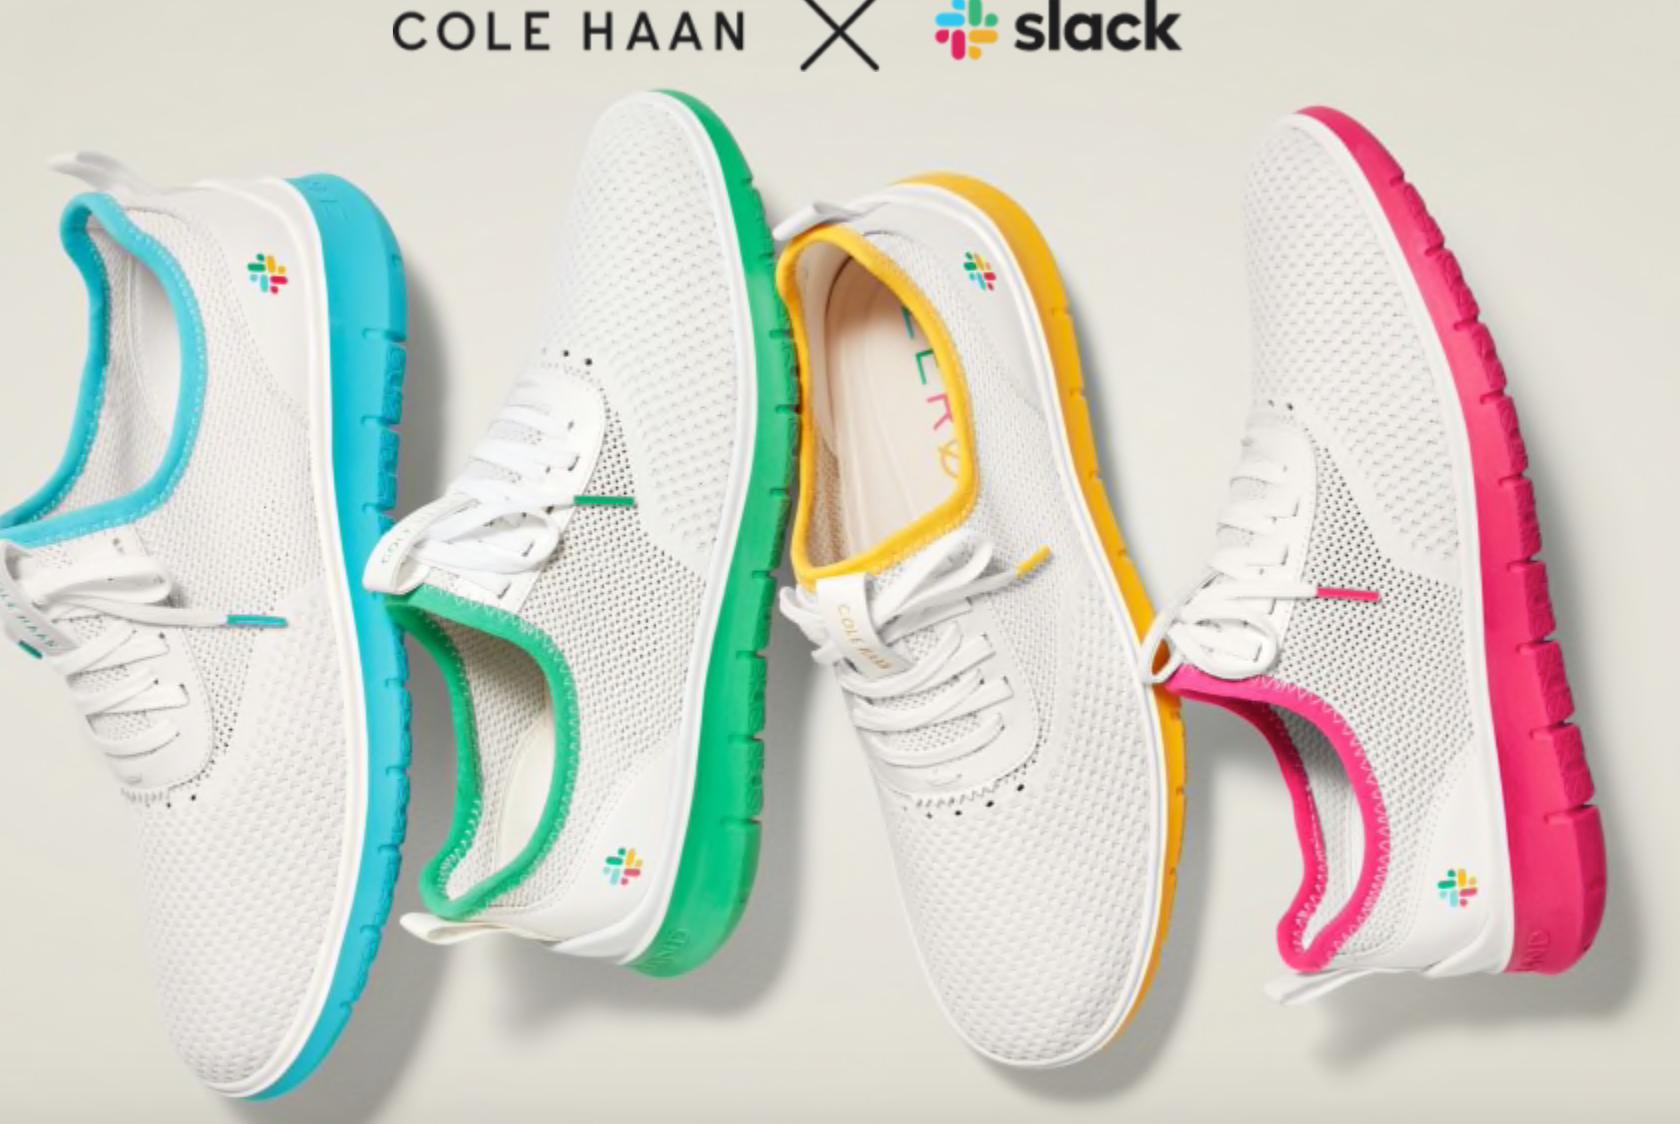 Cole Haan and Slack sneaker